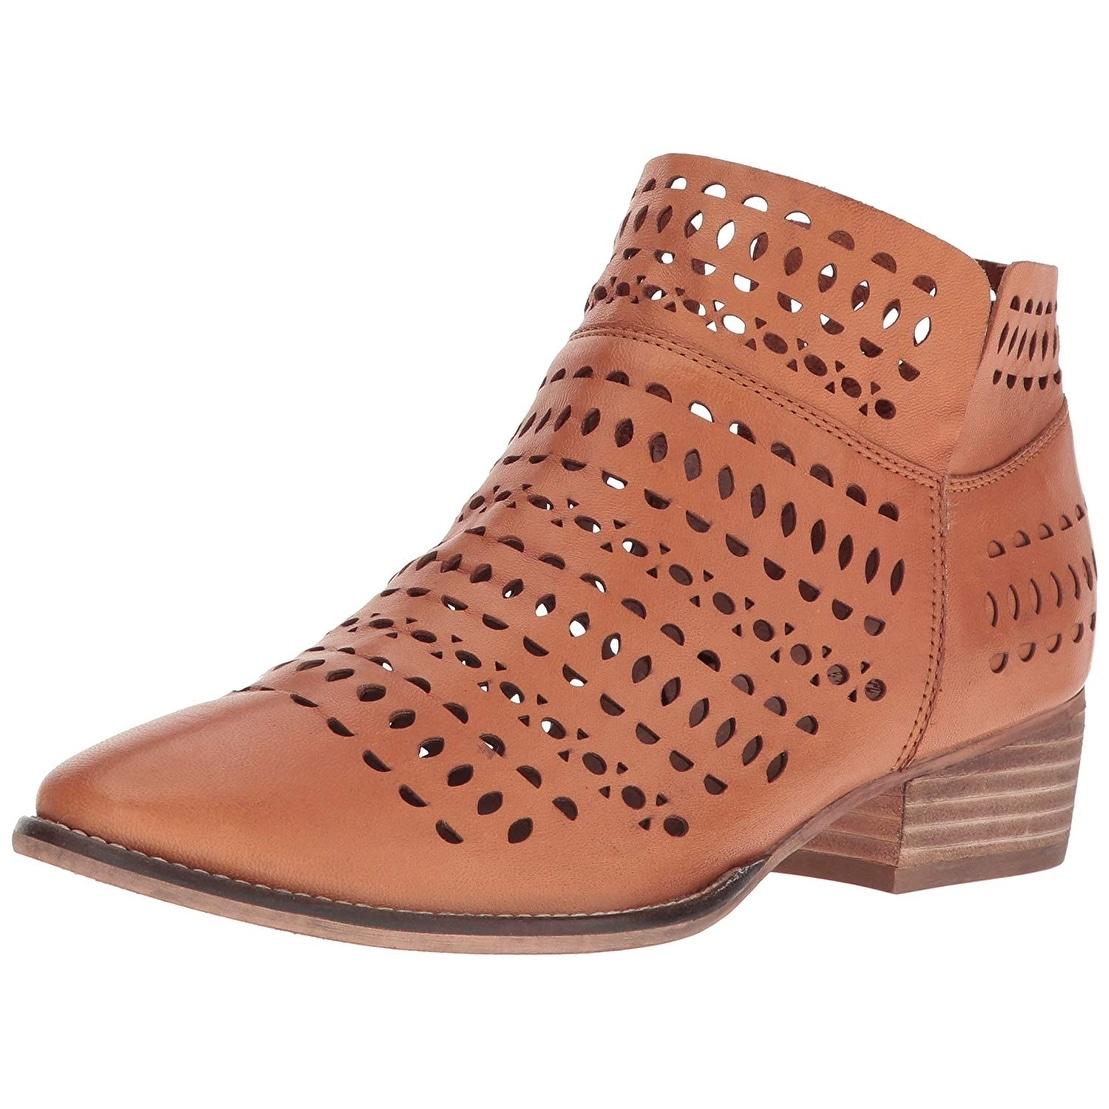 57f69a465f Seychelles Shoes